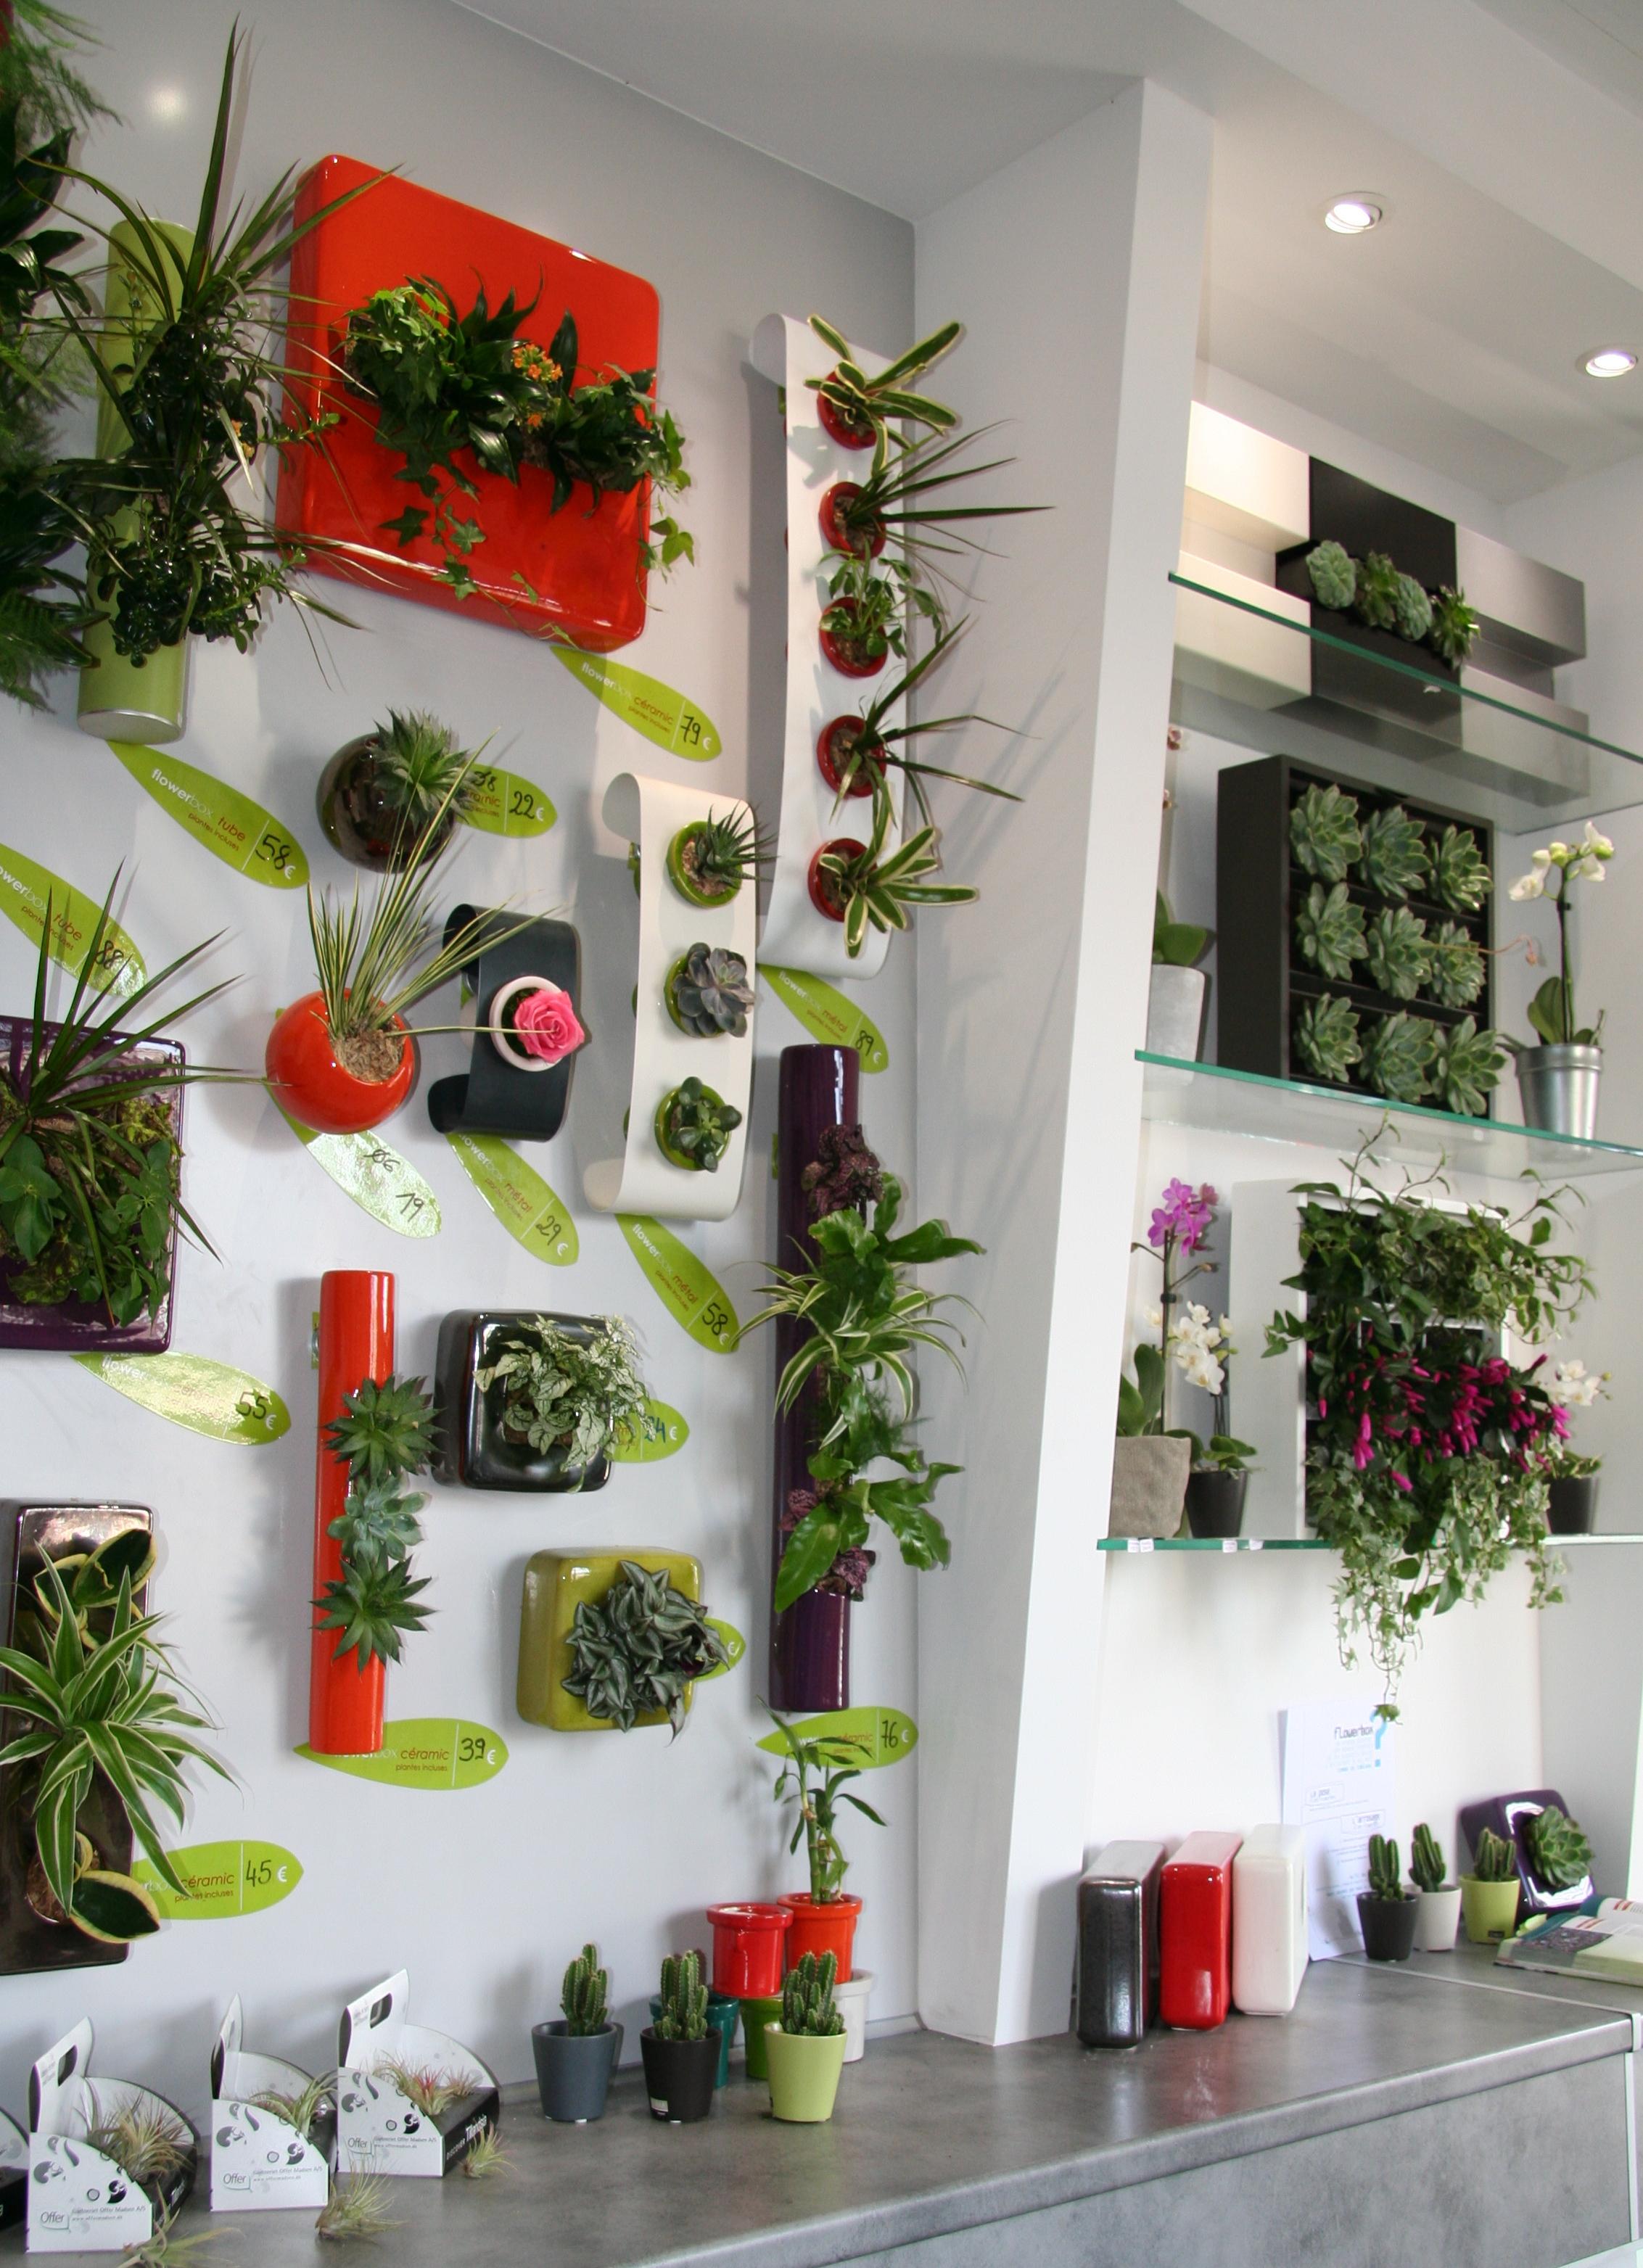 Les Jardins de To - Tableaux végétaux naturels et stabilisés sur Marseille  6ème. Décoration végétale 1b6897618d1